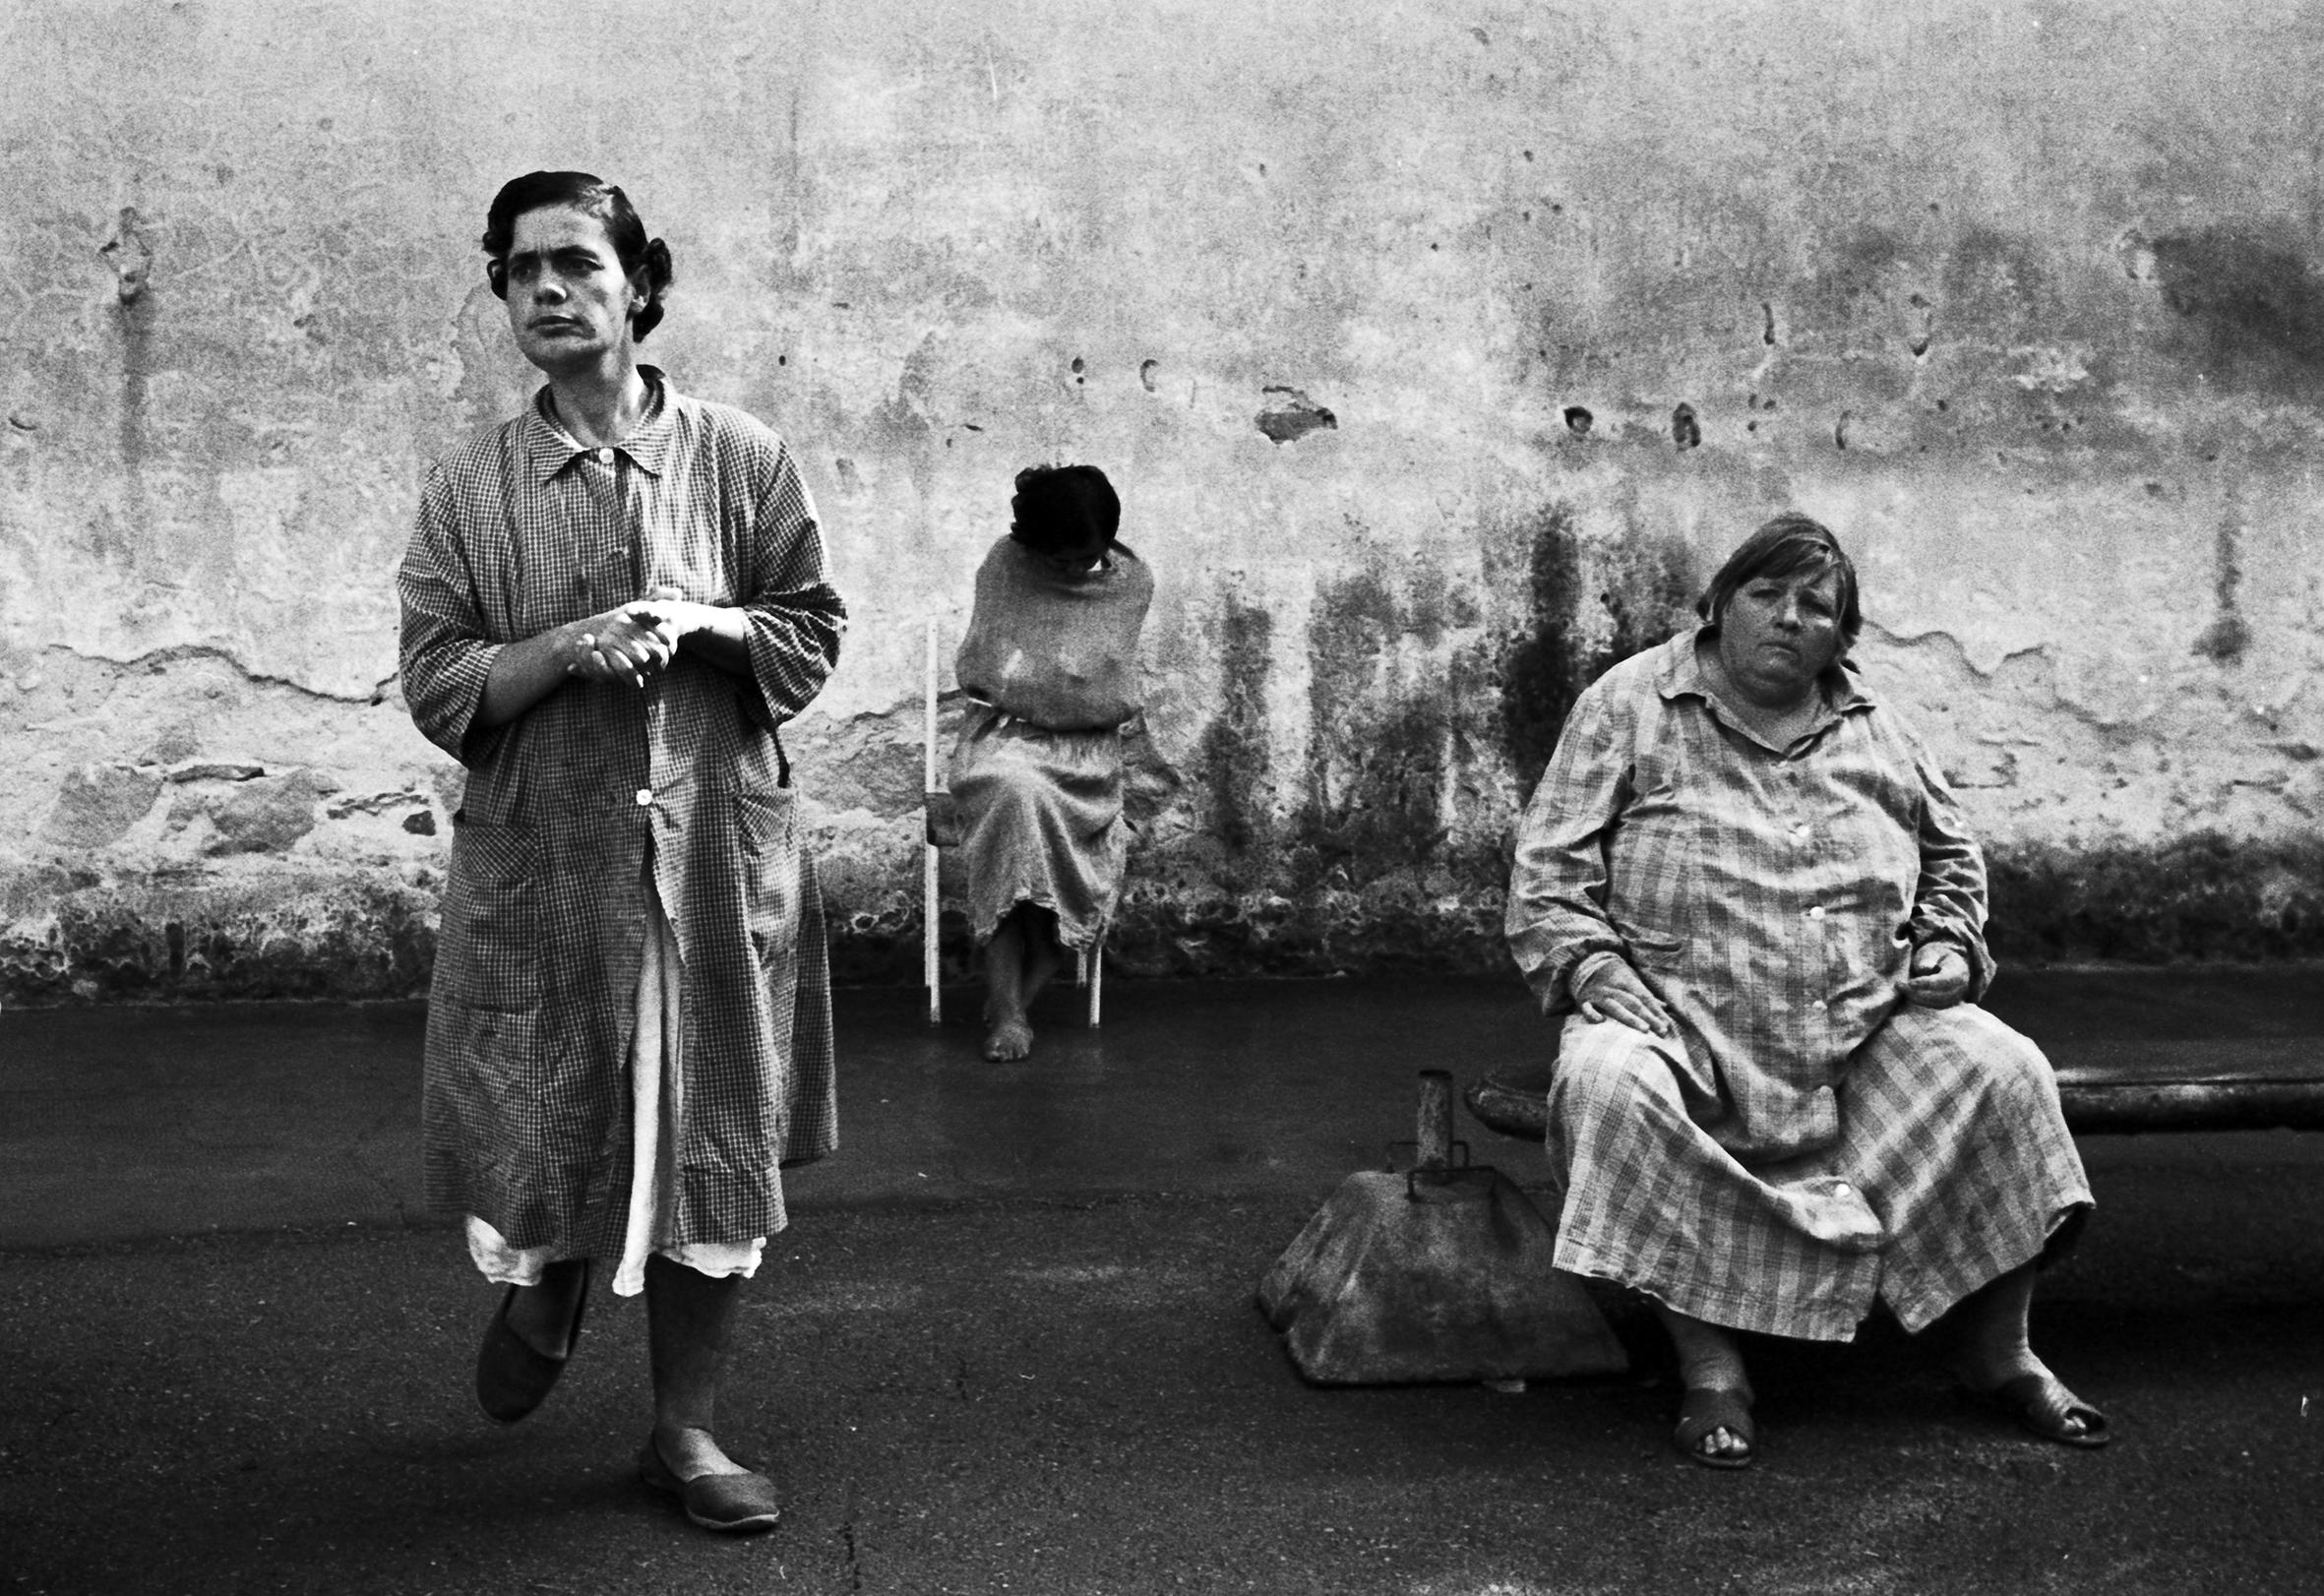 Tra le fotografie della Biennale Donna, anche i lavori di Carla Cerati per Morire di classe, esplorando i manicomi italiani negli anni Sessanta.